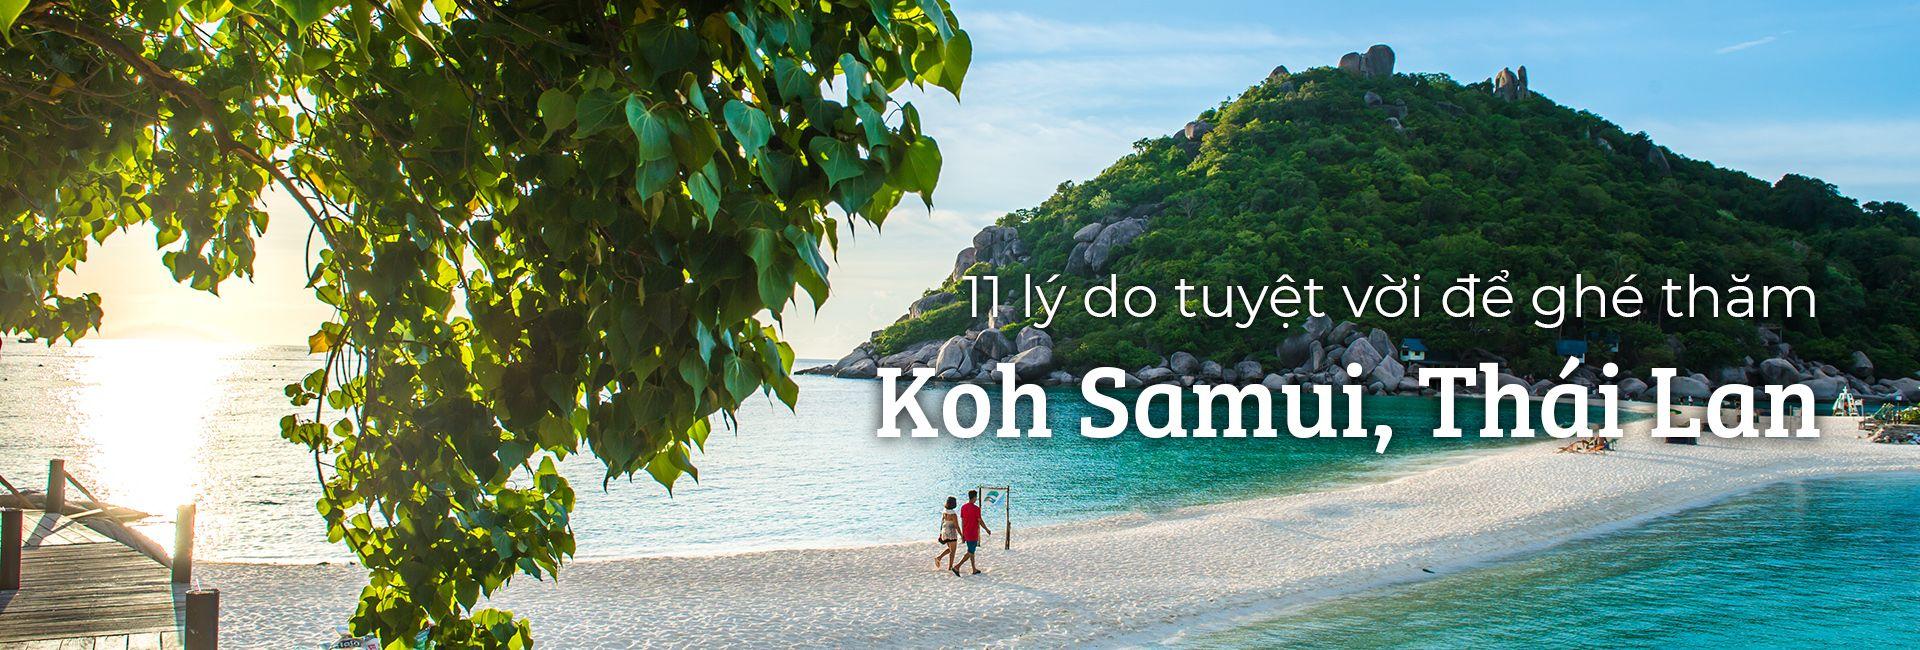 11 lý do tuyệt vời để ghé thăm Koh Samui, Thái Lan